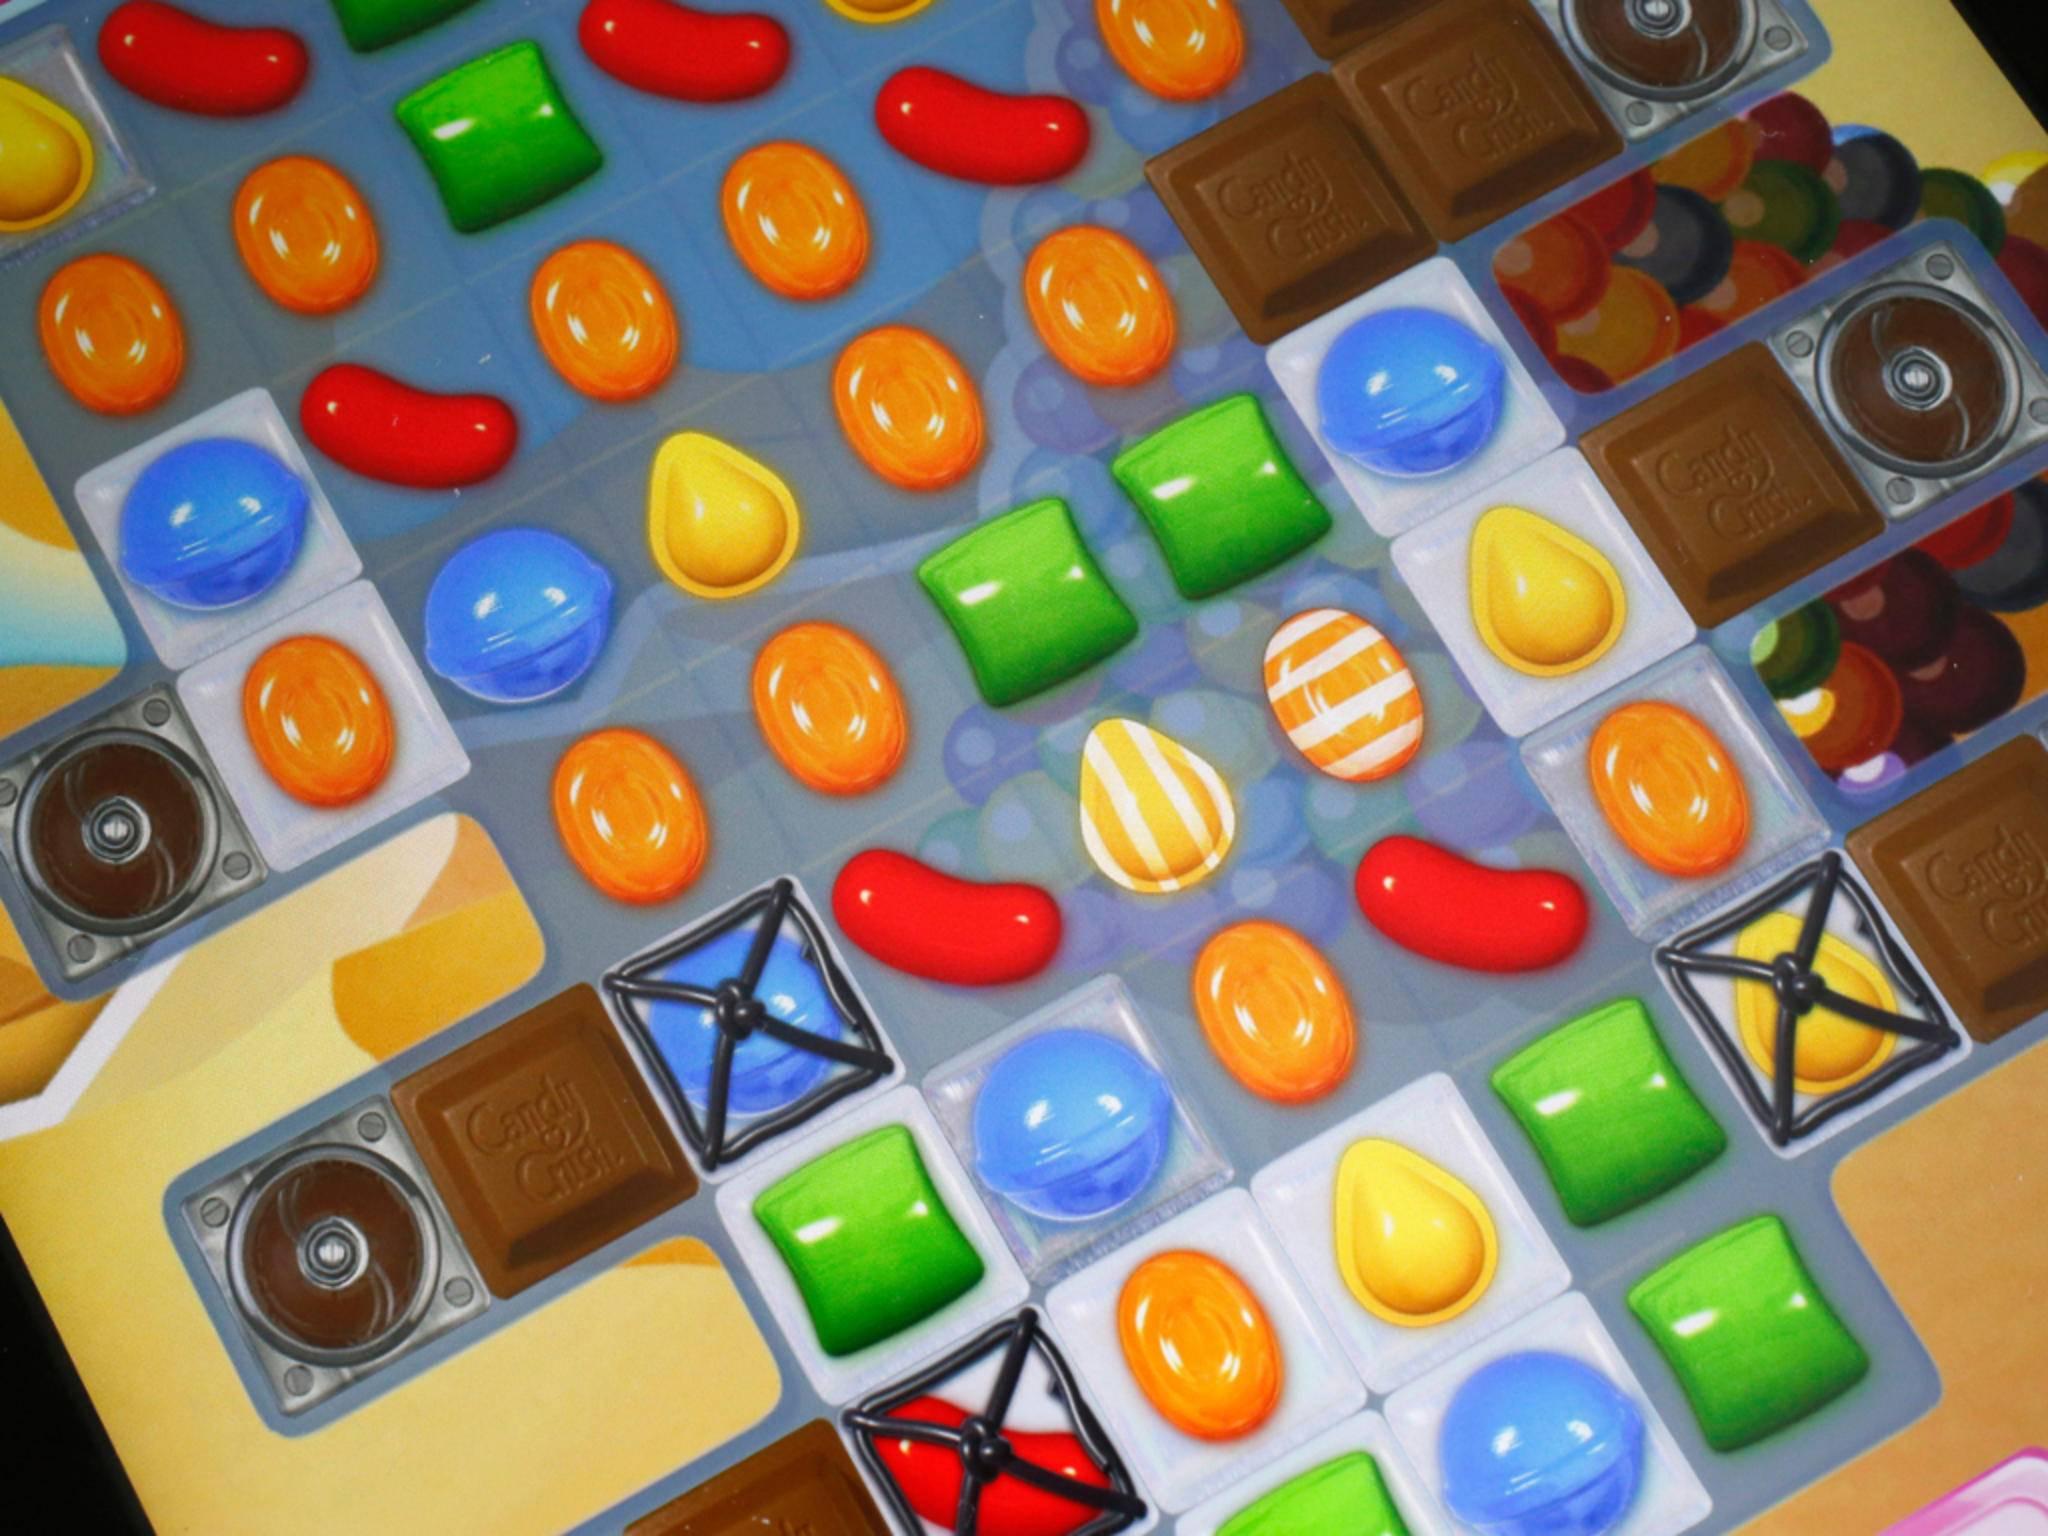 Candy Crush: DasSpiel gehört jetzt Activision Blizzard.